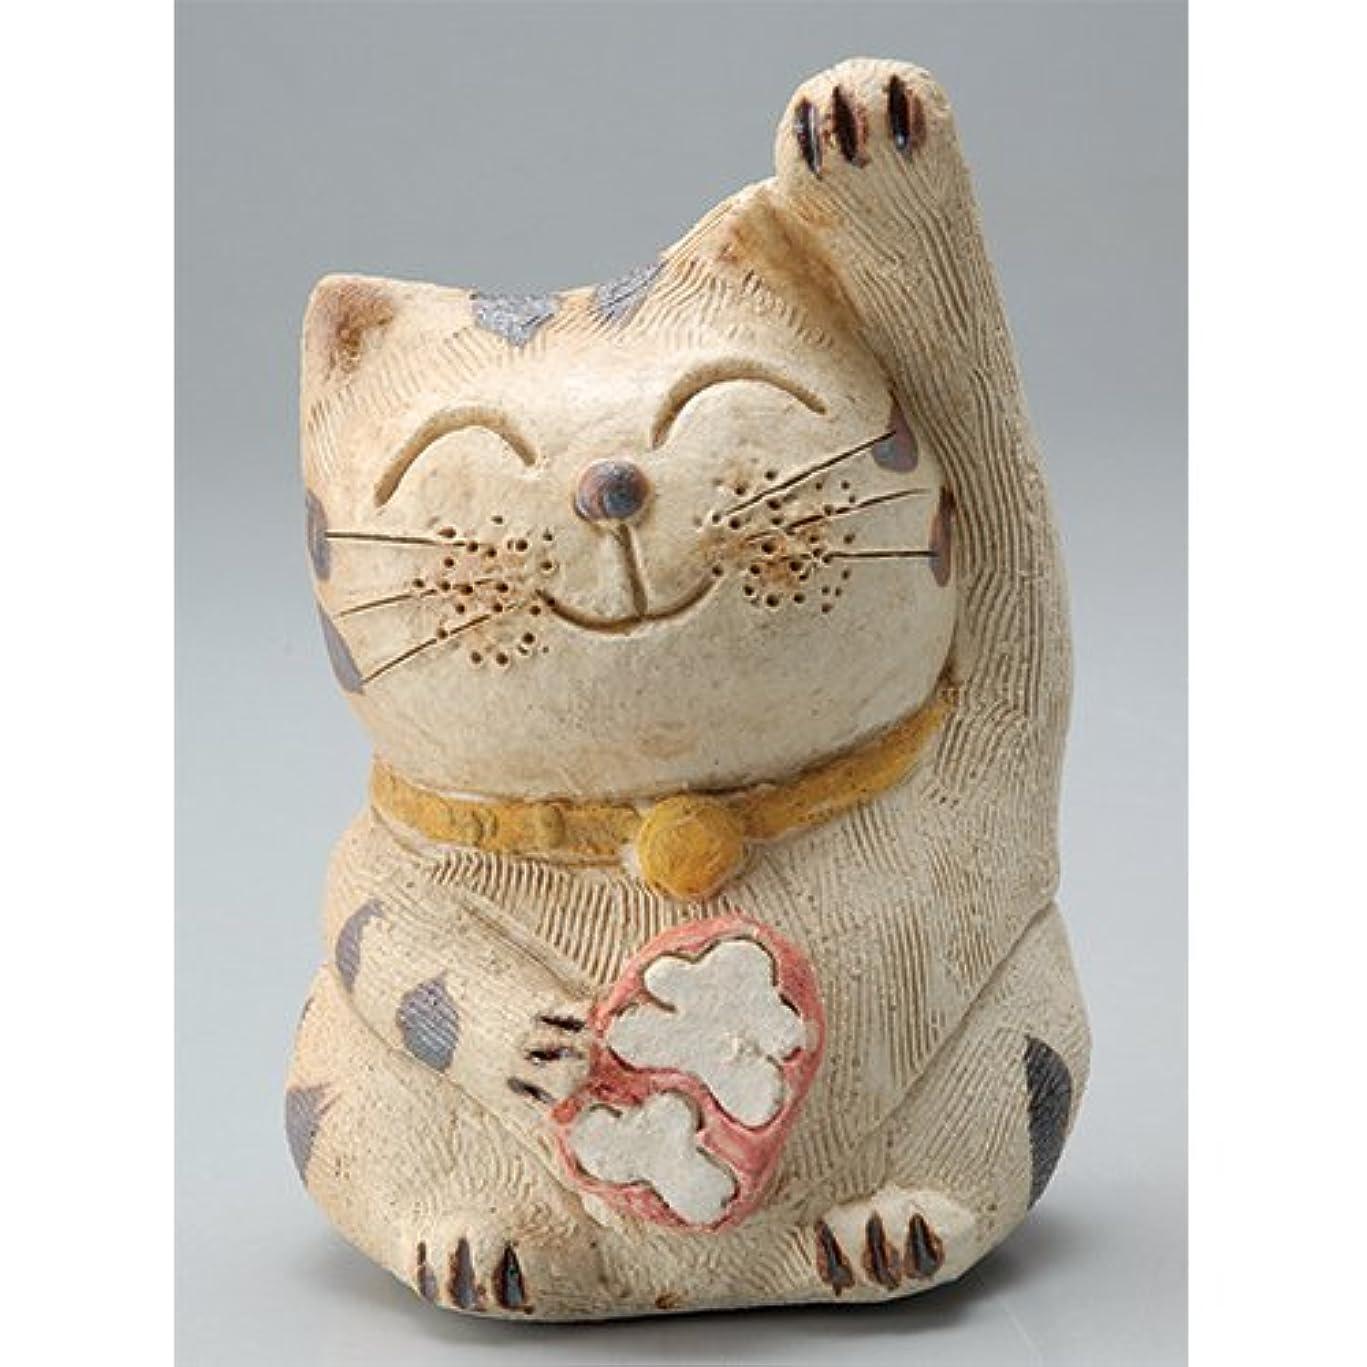 通り着服批評香炉 微笑み招き猫(人招き)香炉(中) [H14cm] HANDMADE プレゼント ギフト 和食器 かわいい インテリア